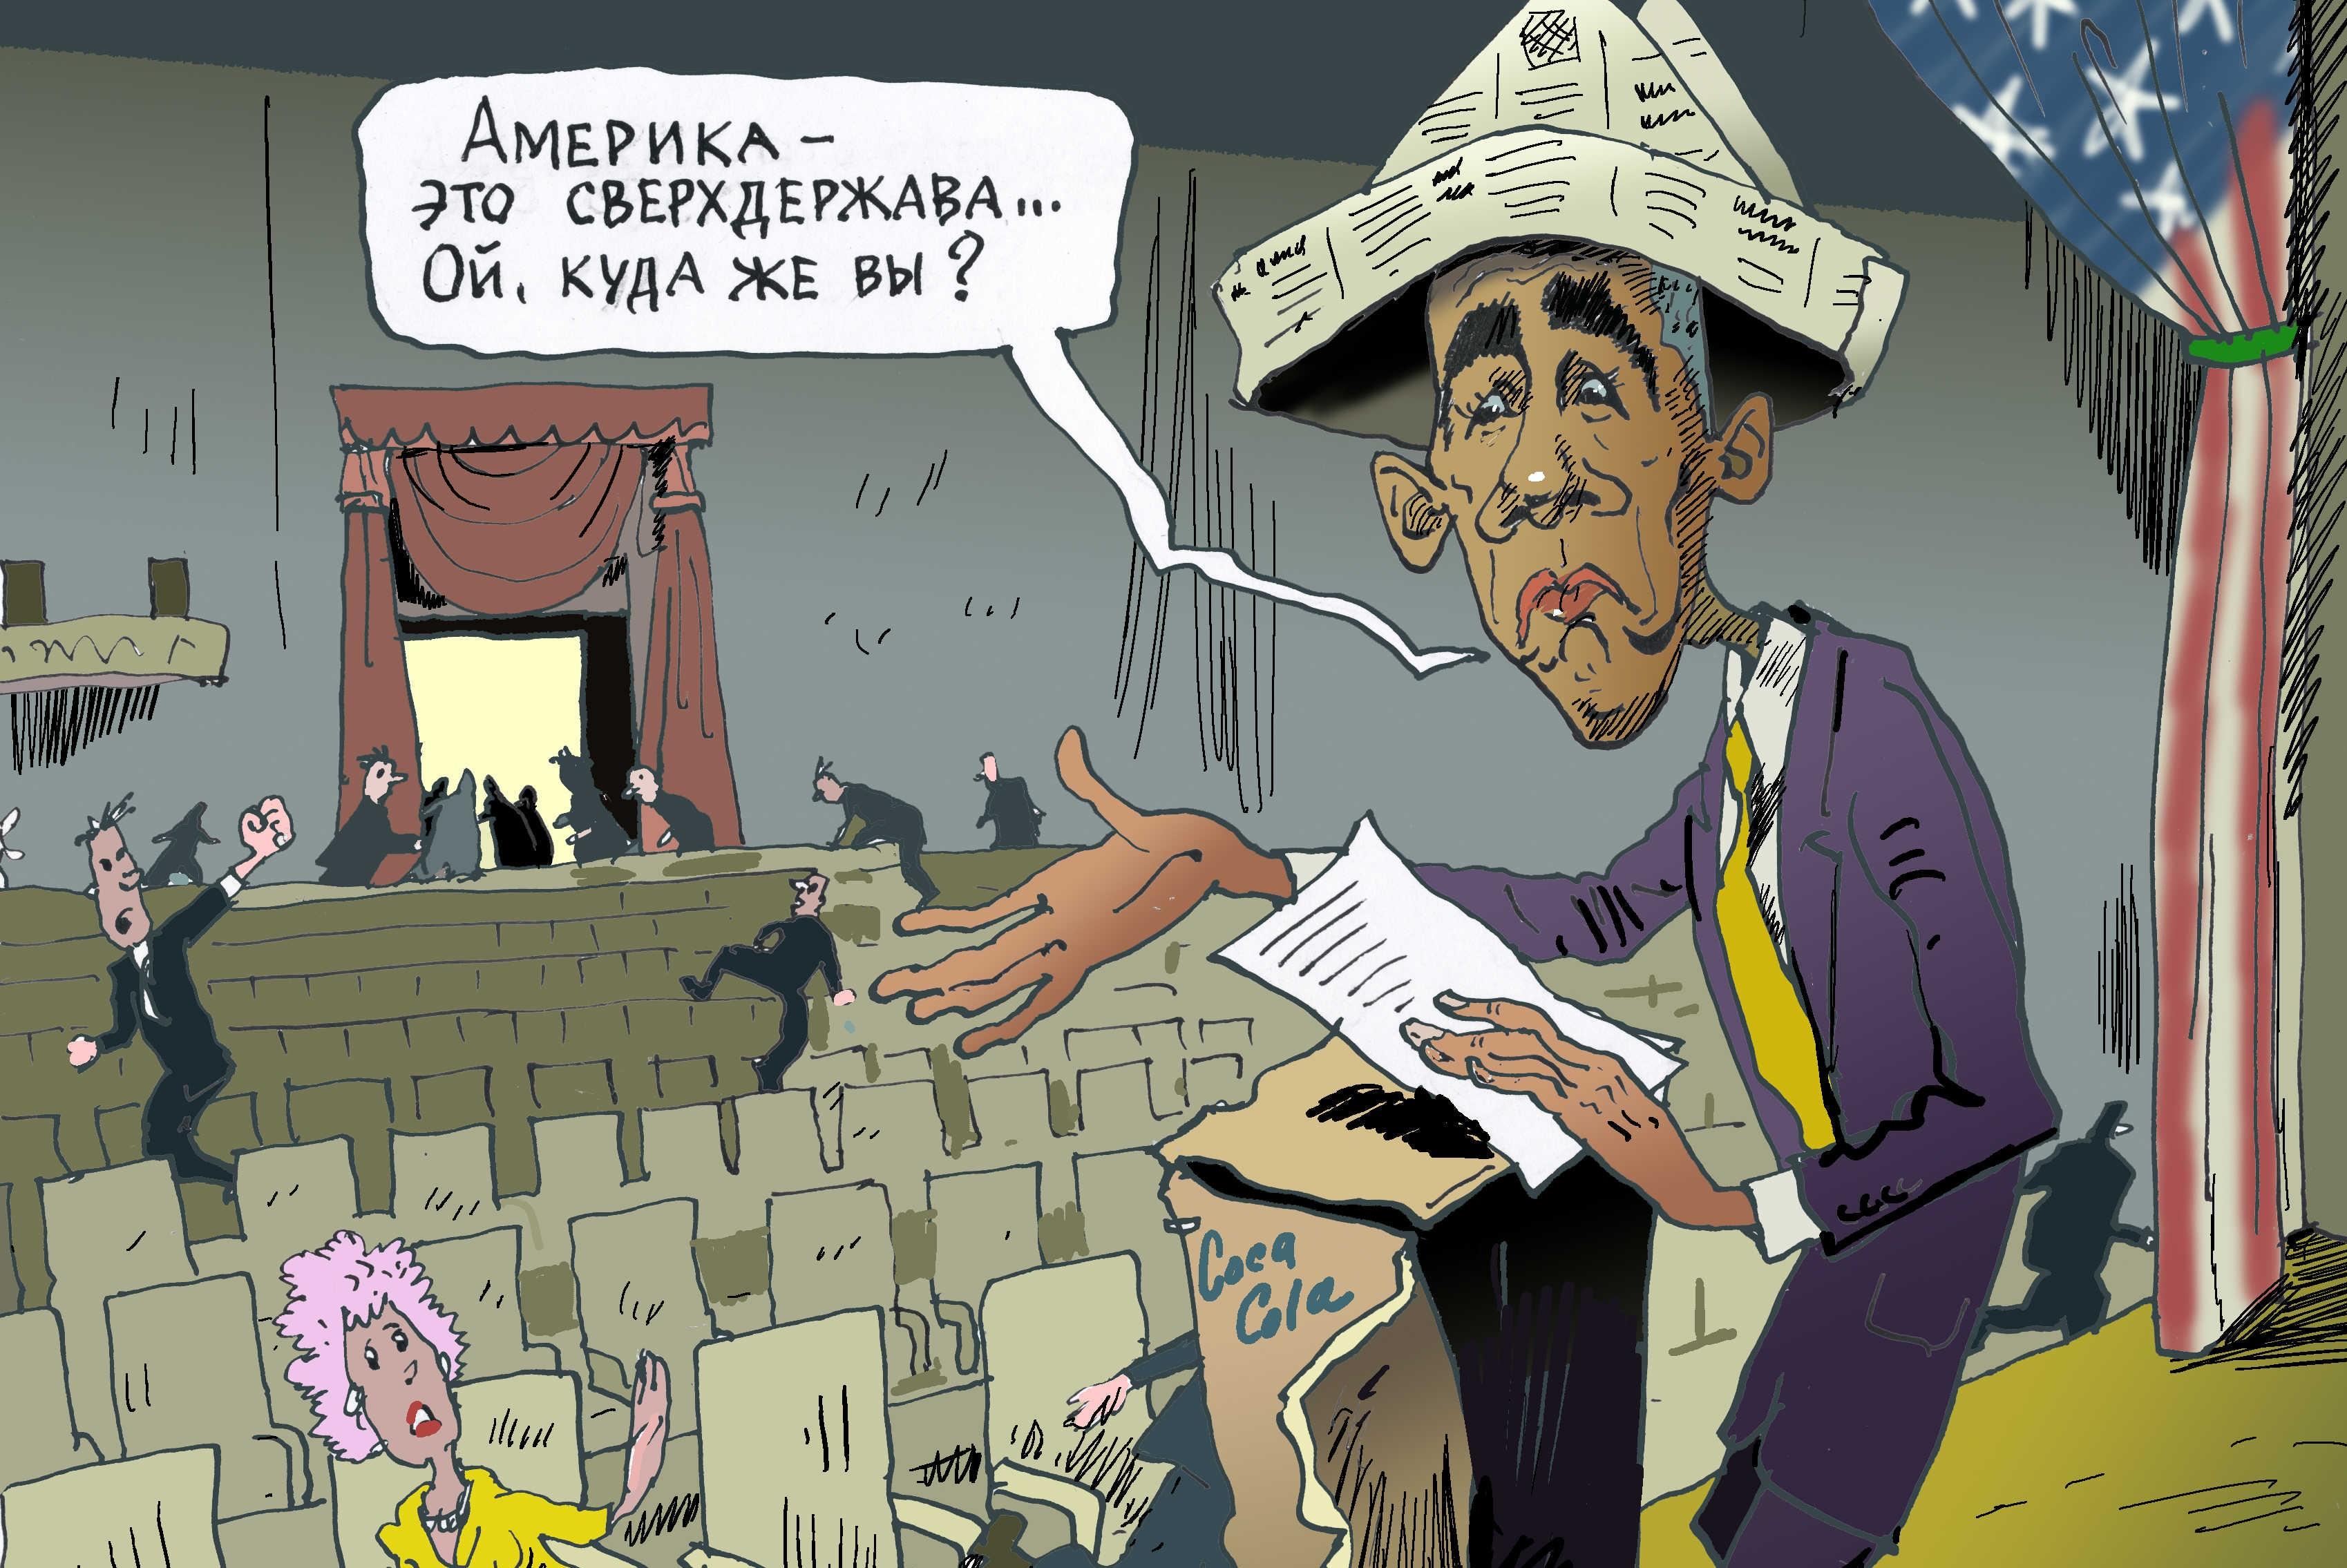 Кузнецов: результаты выборов в Конгресс не сулят России ничего хорошего